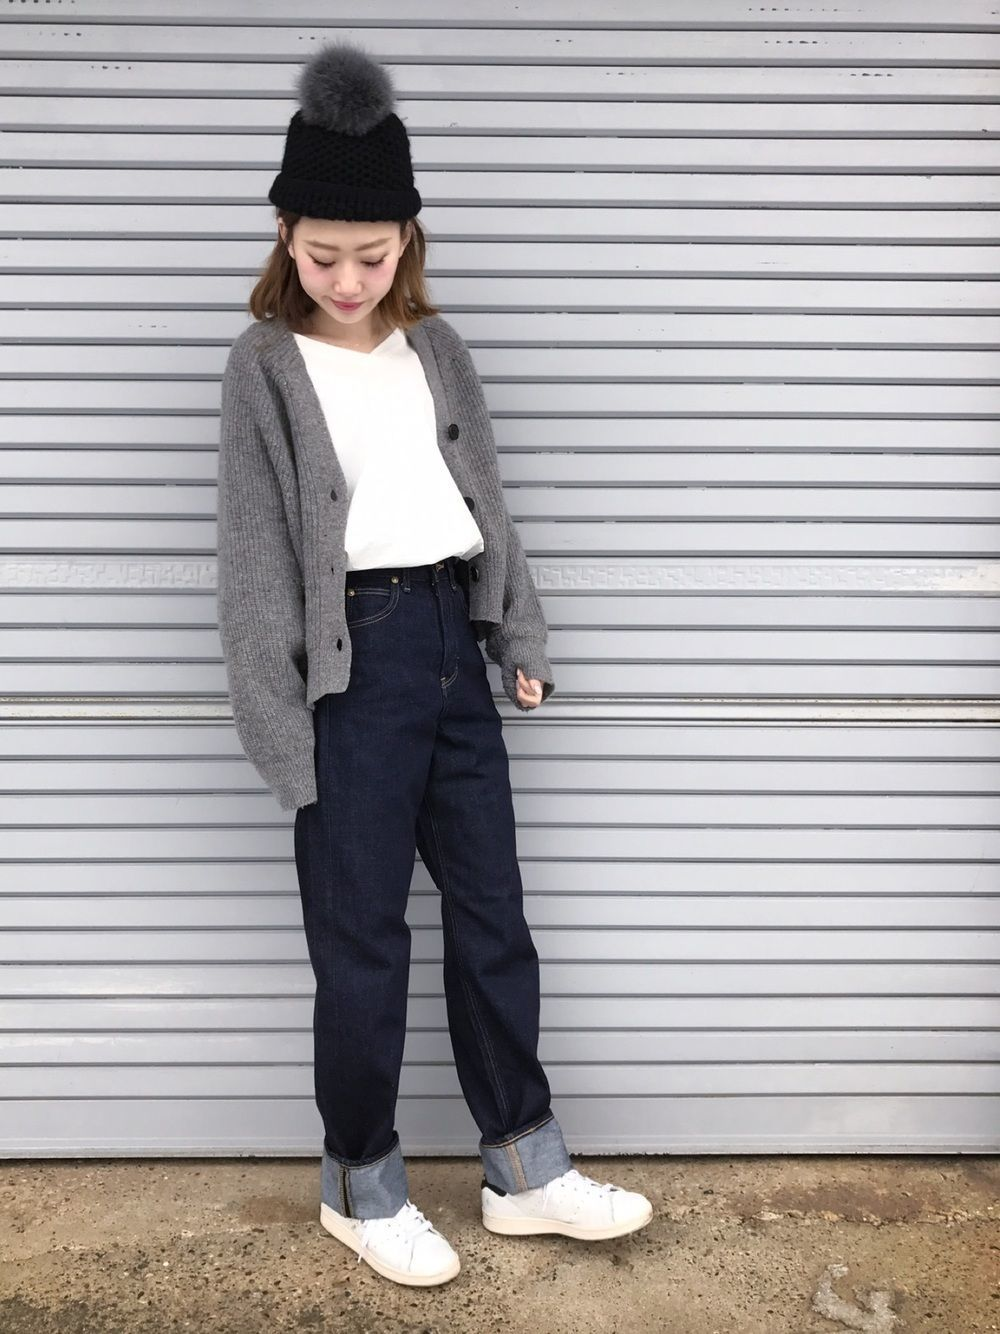 アディダスの白スニーカーを徹底調査♡人気スニーカーコーデも紹介!の3枚目の画像